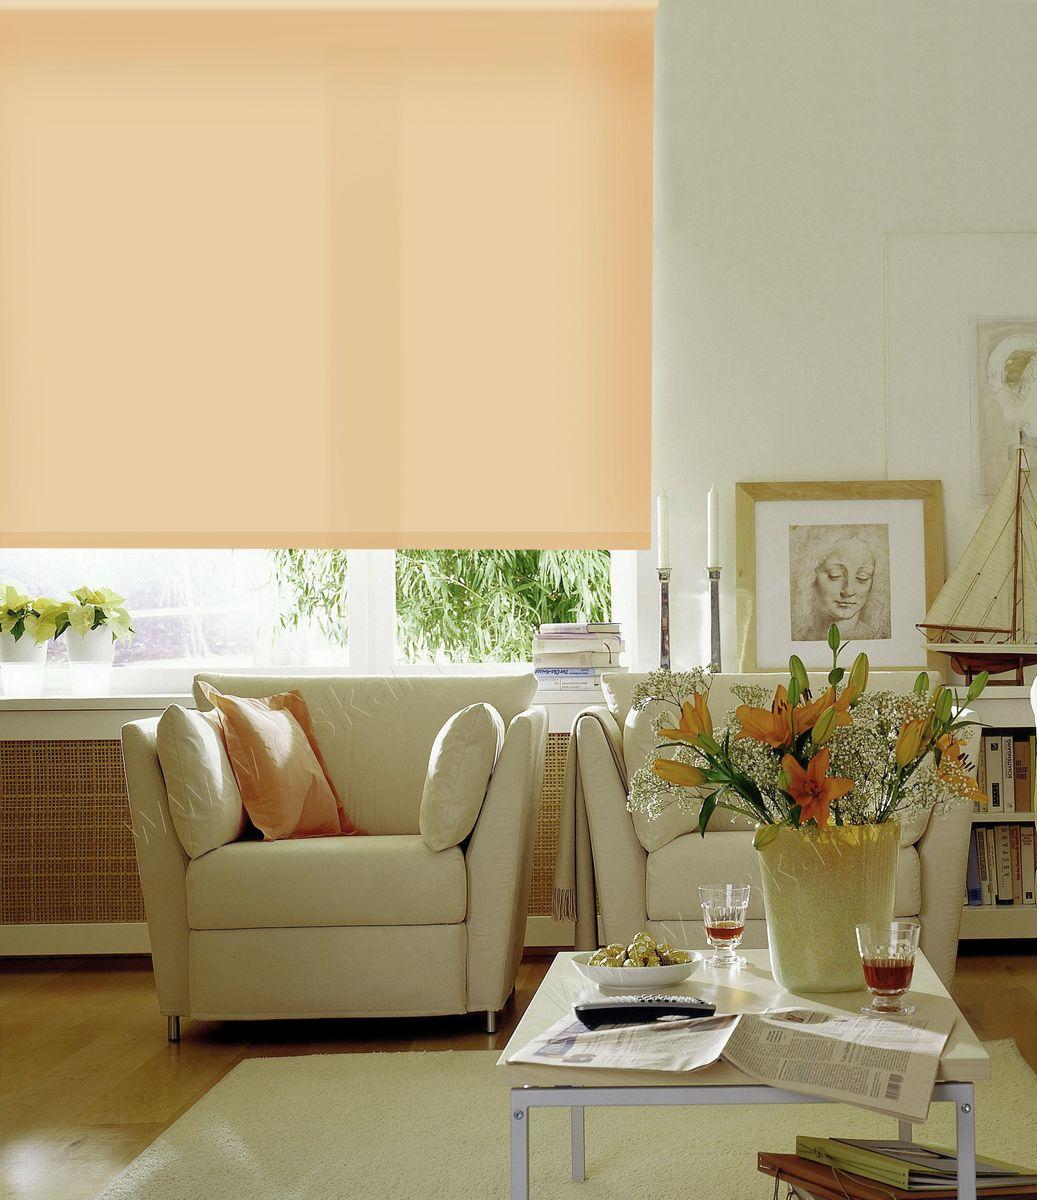 Штора рулонная Эскар, цвет: светло-абрикосовый, ширина 150 см, высота 170 см10503Рулонными шторами можно оформлять окна как самостоятельно, так и использовать в комбинации с портьерами. Это поможет предотвратить выгорание дорогой ткани на солнце и соединит функционал рулонных с красотой навесных.Преимущества применения рулонных штор для пластиковых окон:- имеют прекрасный внешний вид: многообразие и фактурность материала изделия отлично смотрятся в любом интерьере; - многофункциональны: есть возможность подобрать шторы способные эффективно защитить комнату от солнца, при этом о на не будет слишком темной. - Есть возможность осуществить быстрый монтаж. ВНИМАНИЕ! Размеры ширины изделия указаны по ширине ткани!Во время эксплуатации не рекомендуется полностью разматывать рулон, чтобы не оторвать ткань от намоточного вала.В случае загрязнения поверхности ткани, чистку шторы проводят одним из способов, в зависимости от типа загрязнения: легкое поверхностное загрязнение можно удалить при помощи канцелярского ластика; чистка от пыли производится сухим методом при помощи пылесоса с мягкой щеткой-насадкой; для удаления пятна используйте мягкую губку с пенообразующим неагрессивным моющим средством или пятновыводитель на натуральной основе (нельзя применять растворители).